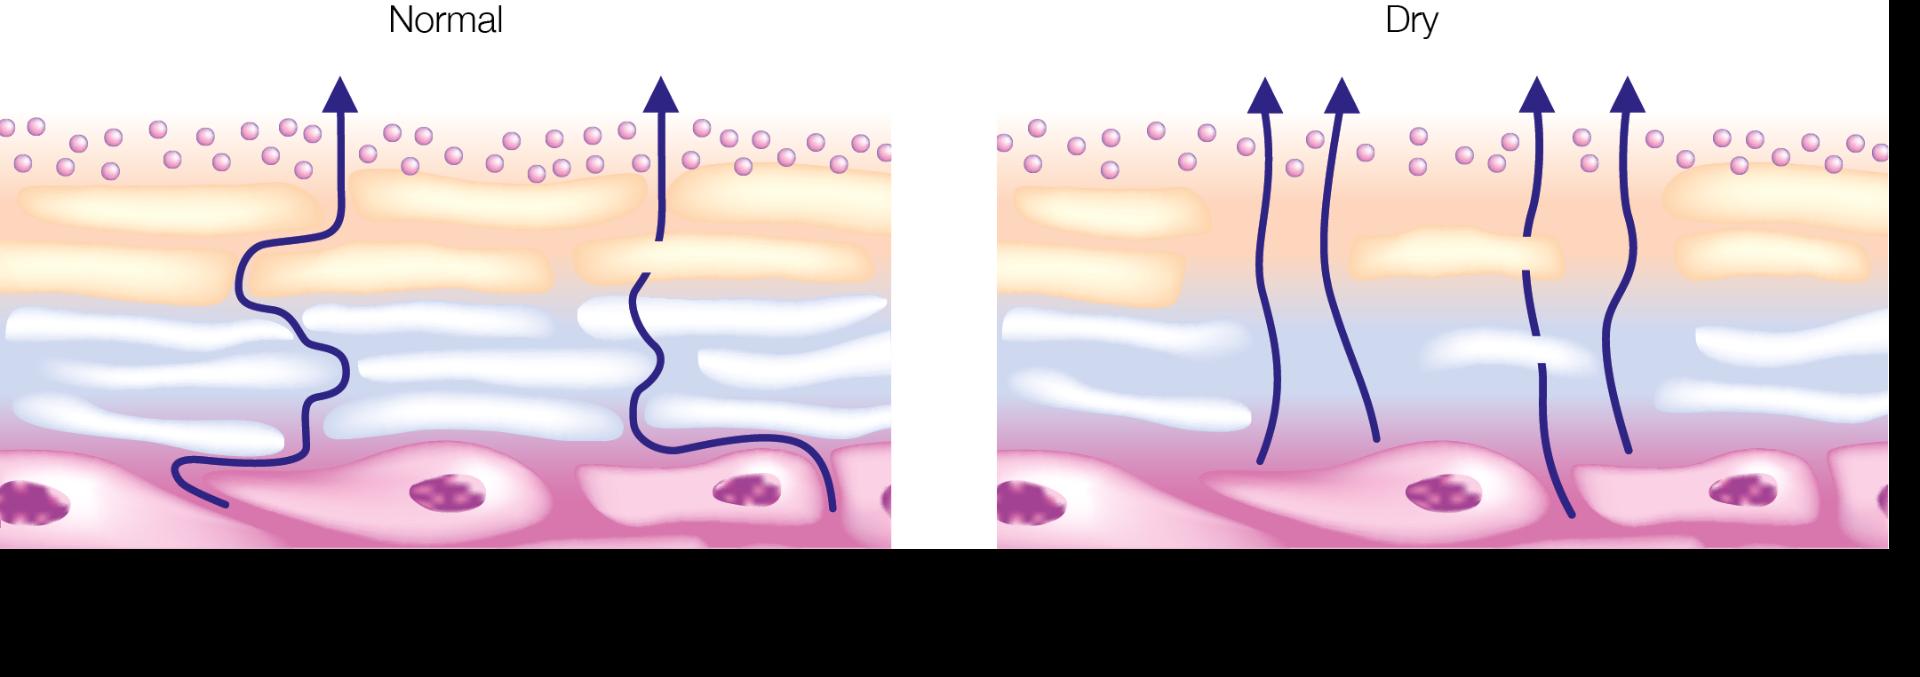 Dry vs normal skin